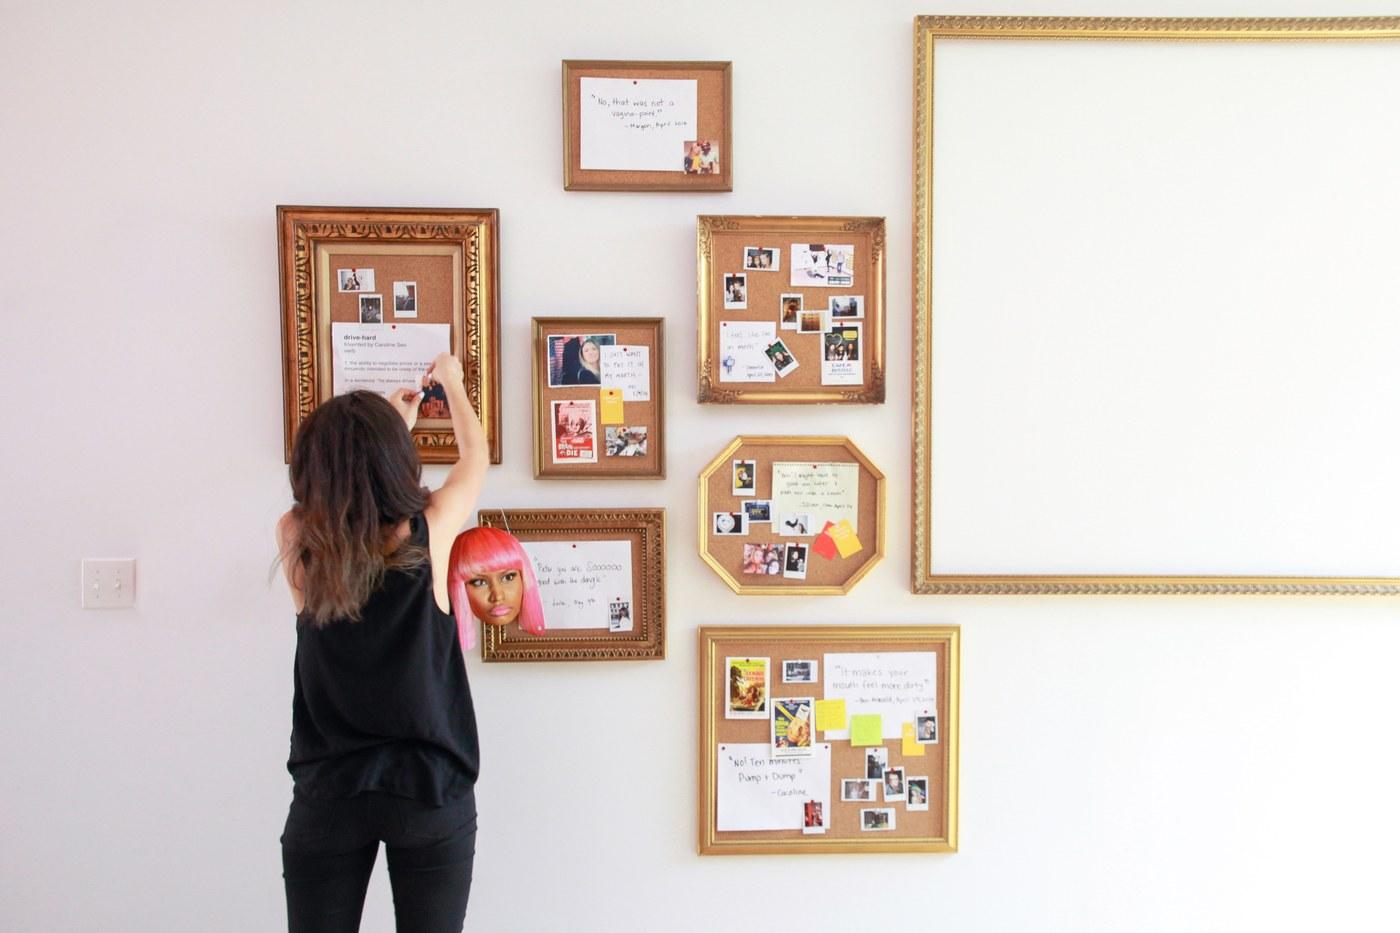 3-6 boas-ideias-de-decoração-para-os-indecisos